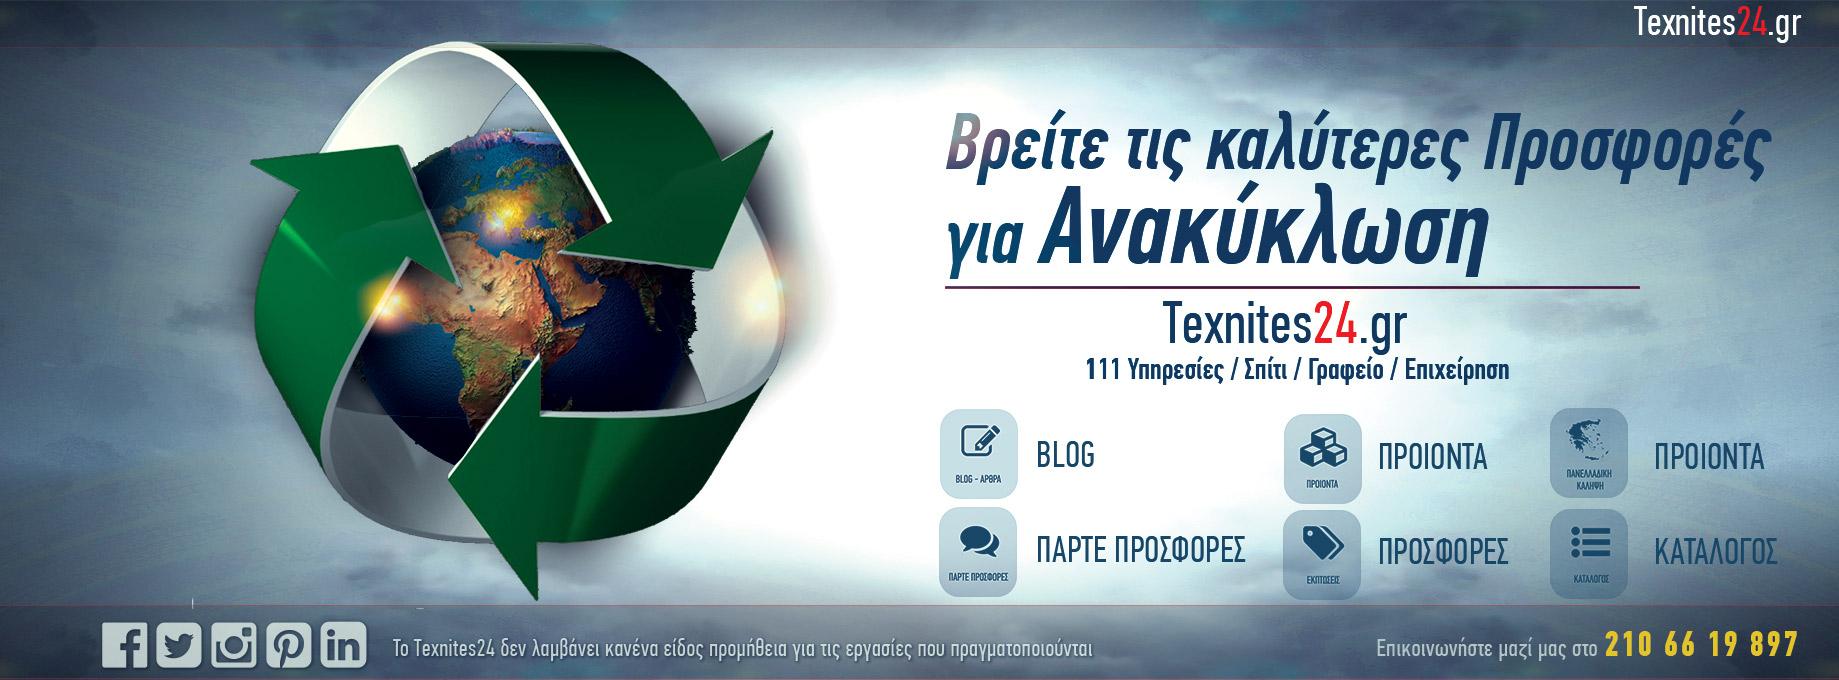 Ανακύκλωση, Συσκευών, Συσκευασιών, Μέταλλων, Πλαστικών Texnites24